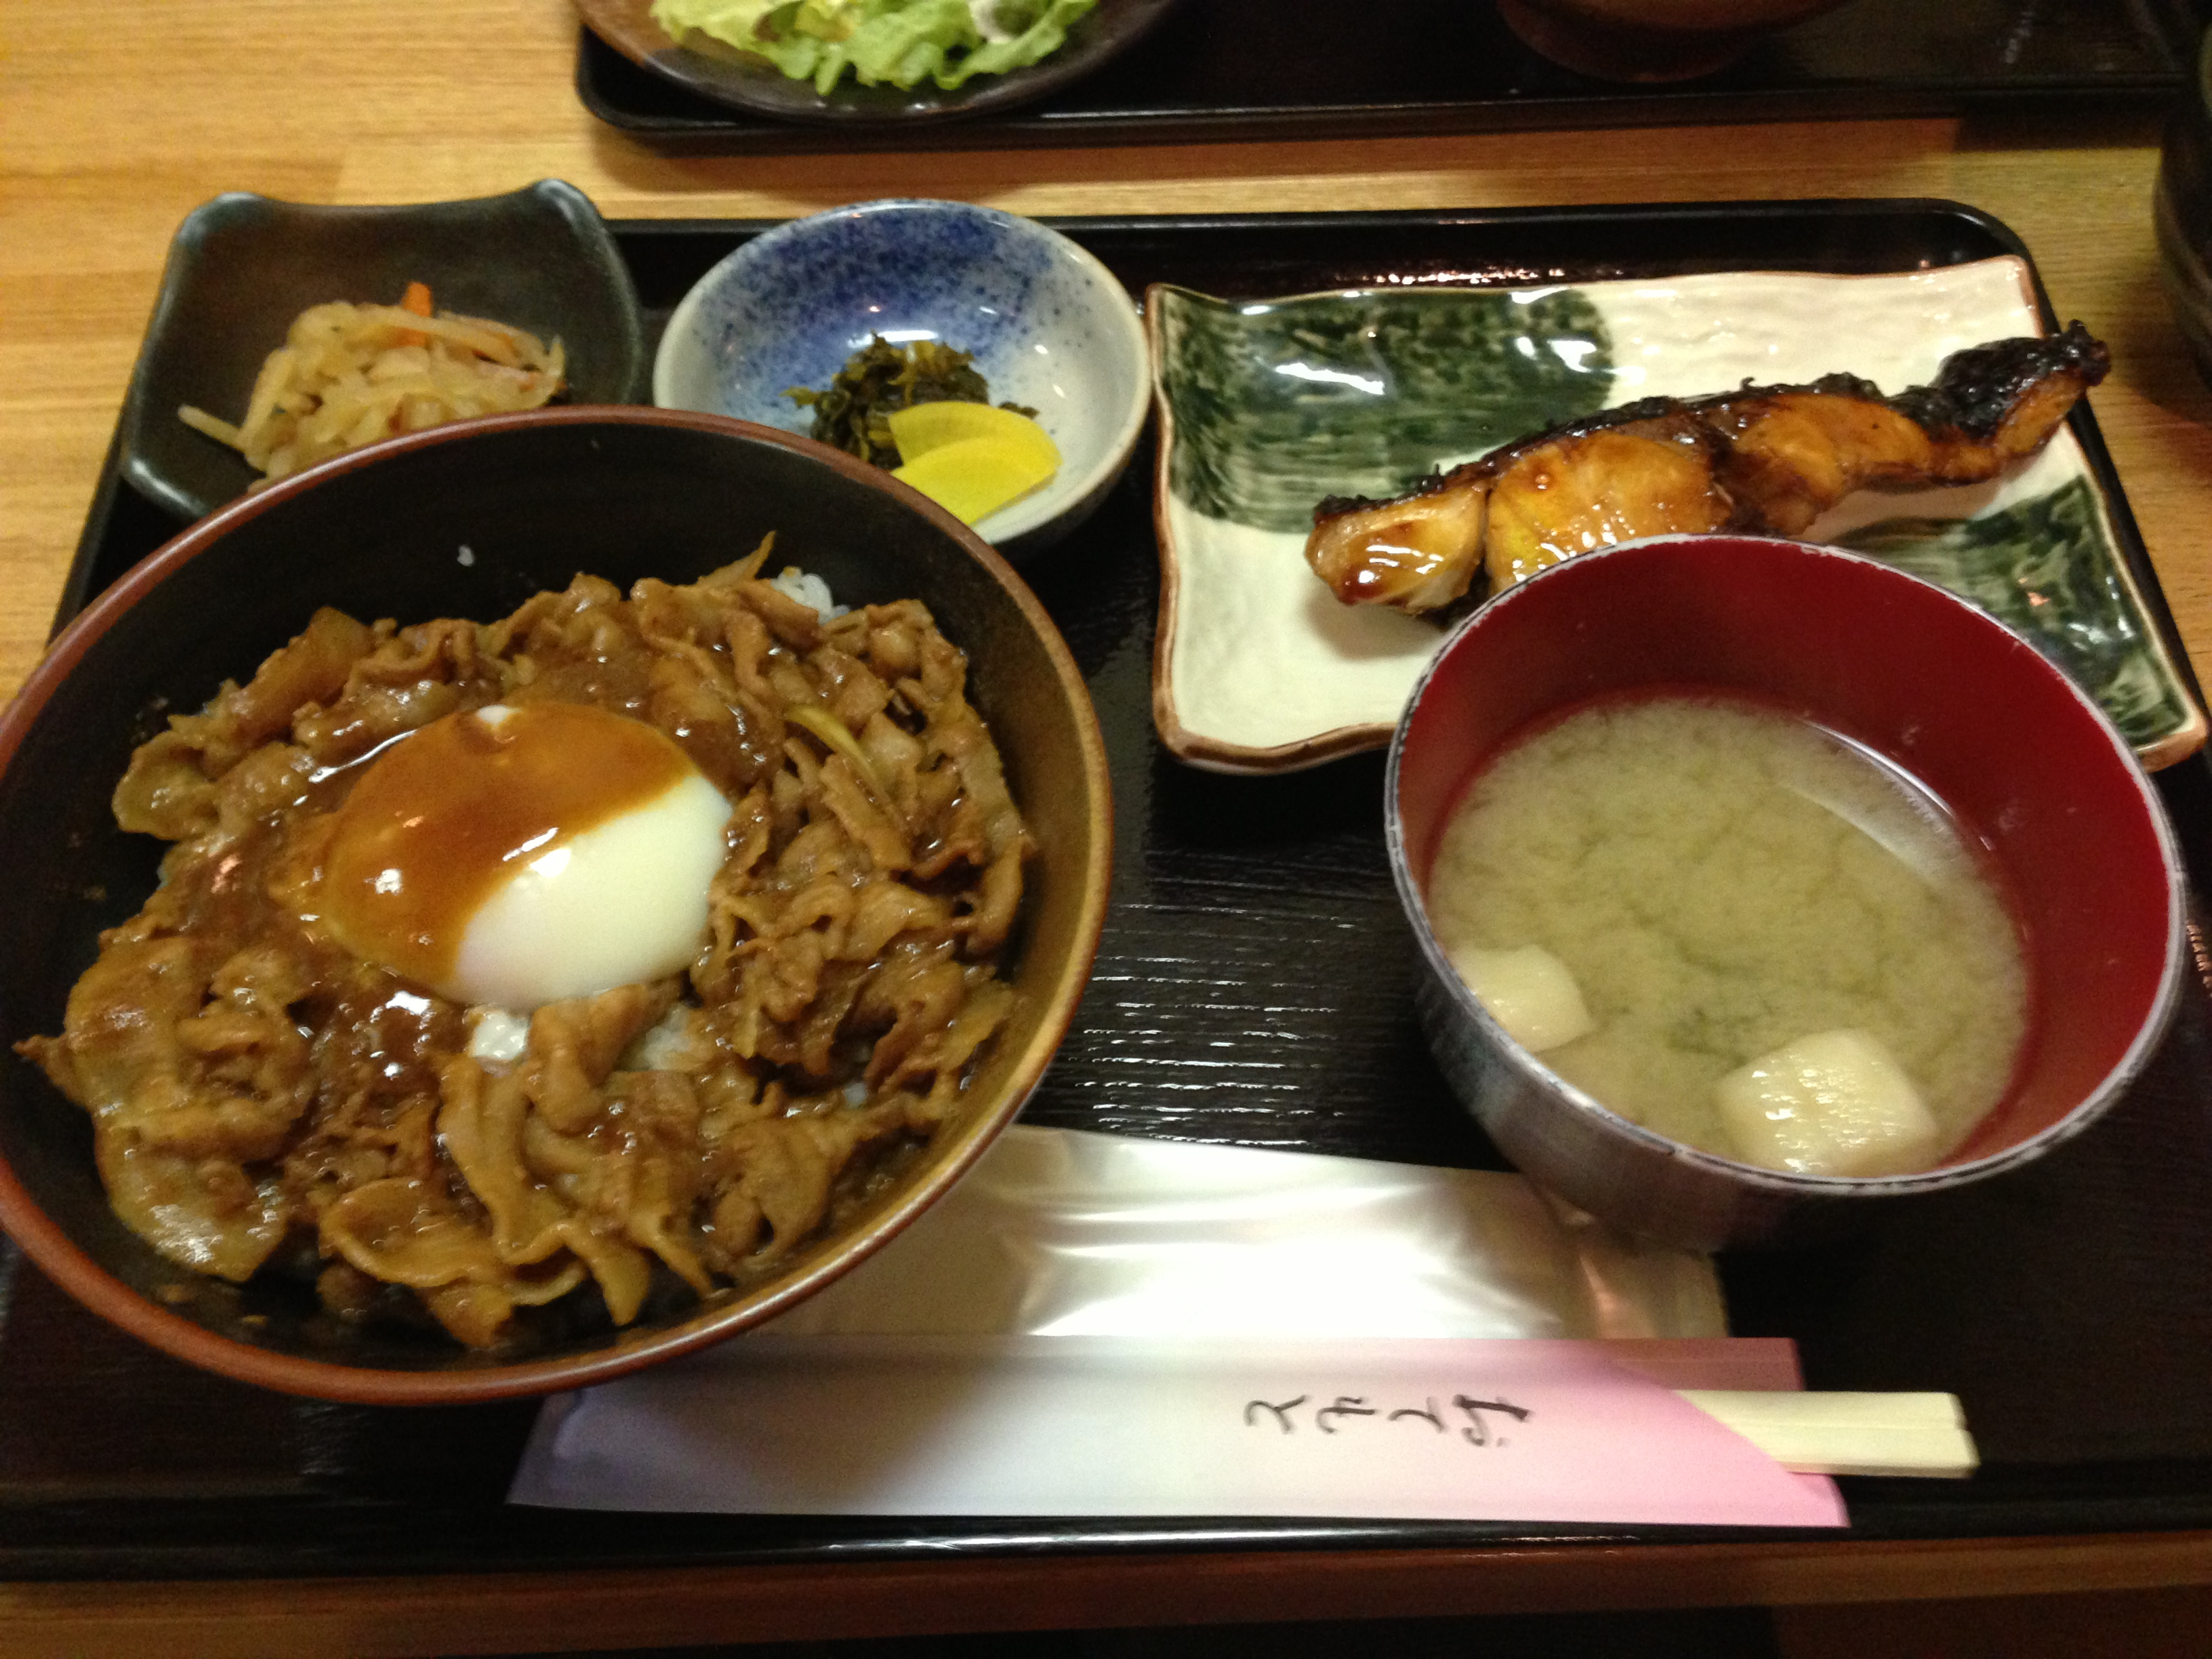 デザートが嬉しい!神田でランチなら「つくしんぼ」がおすすめ